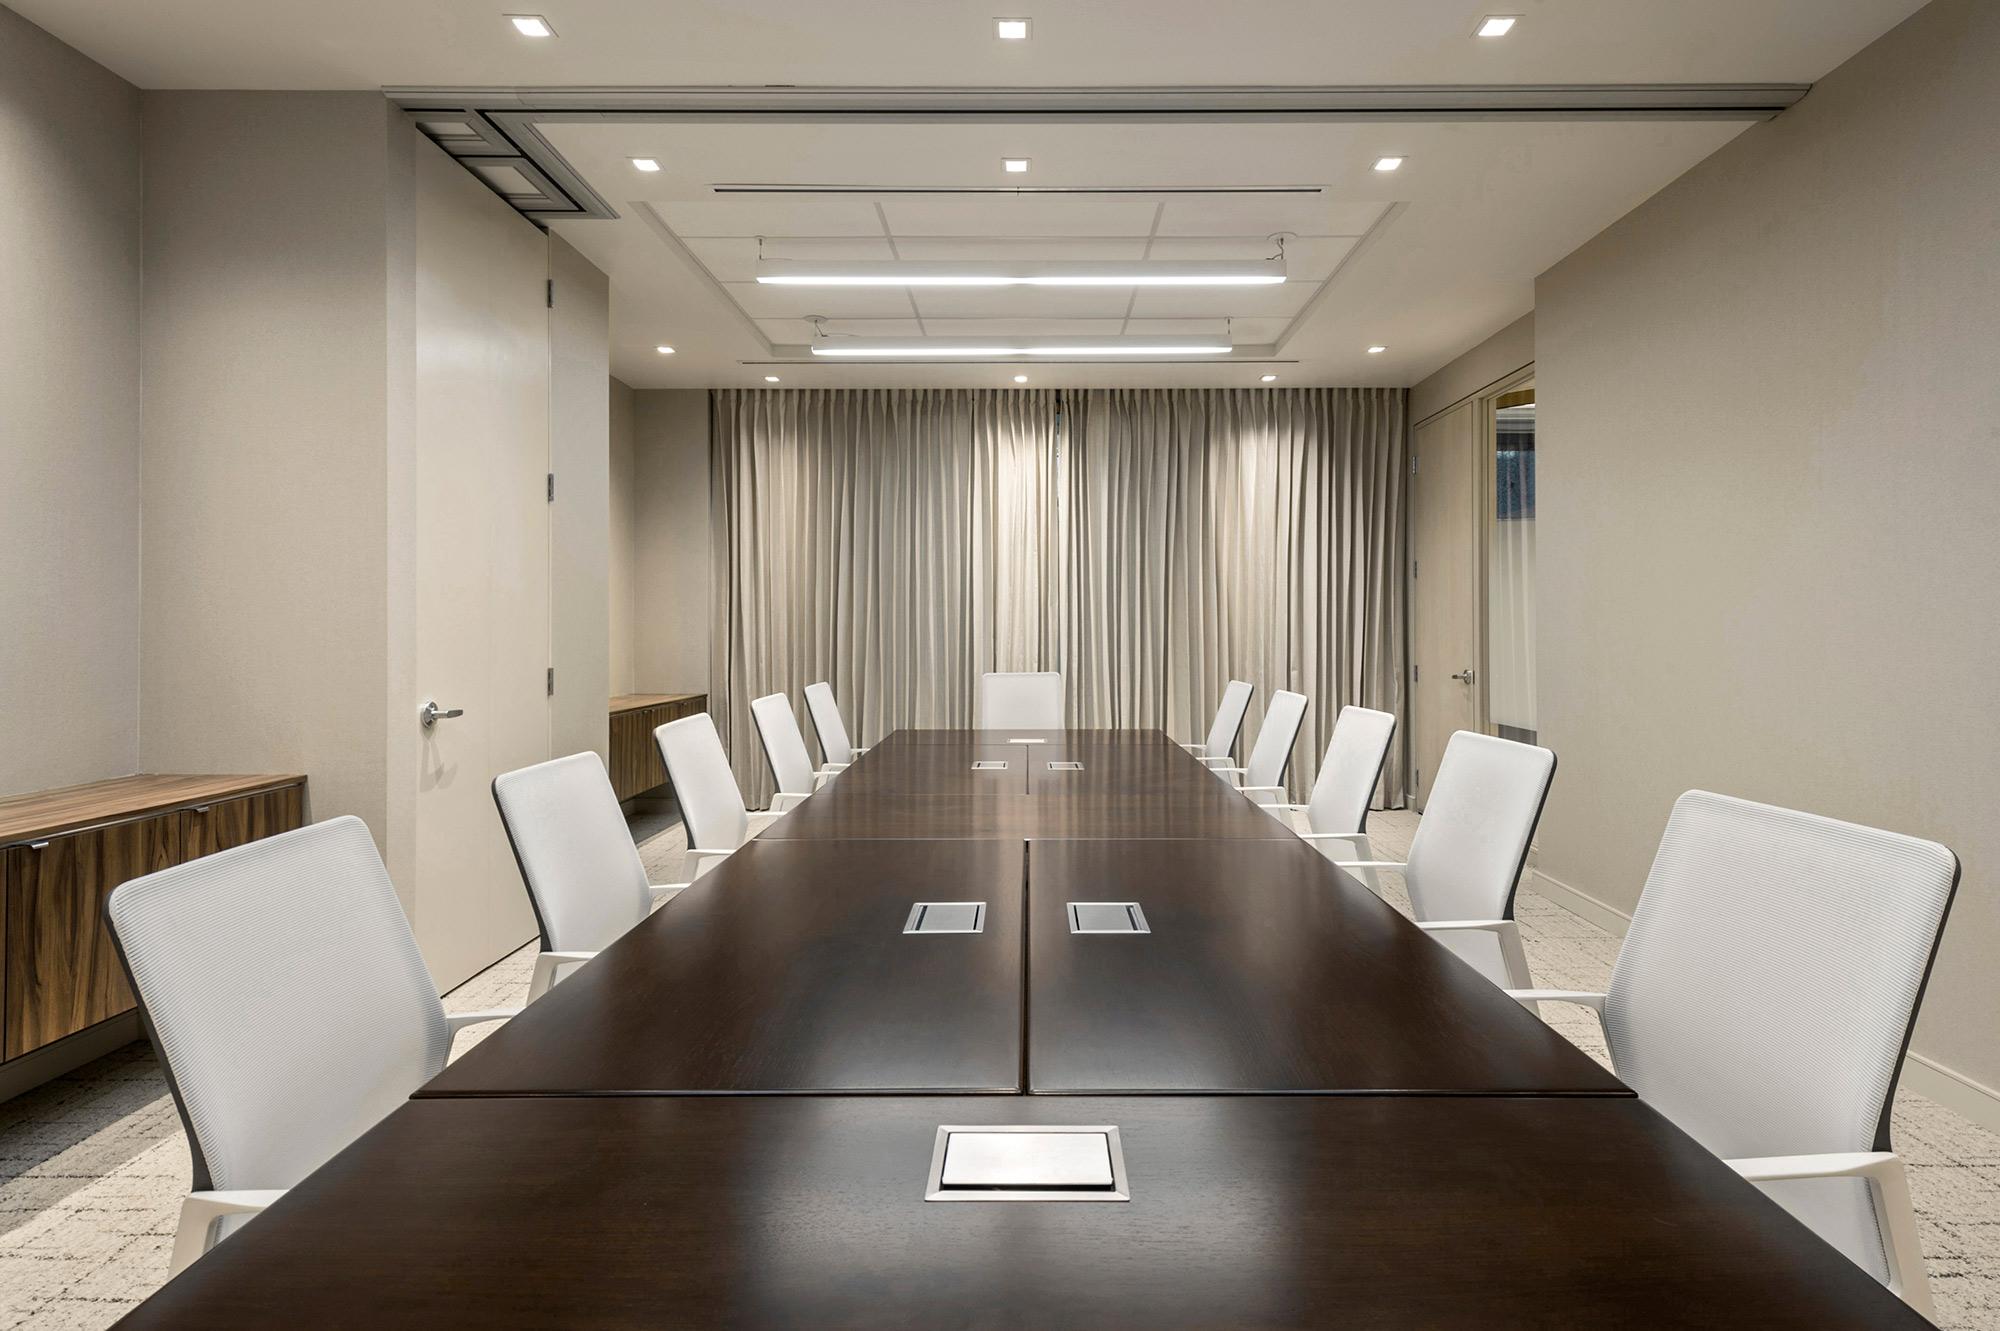 interior-design-legal-office-boardroom-table.jpg